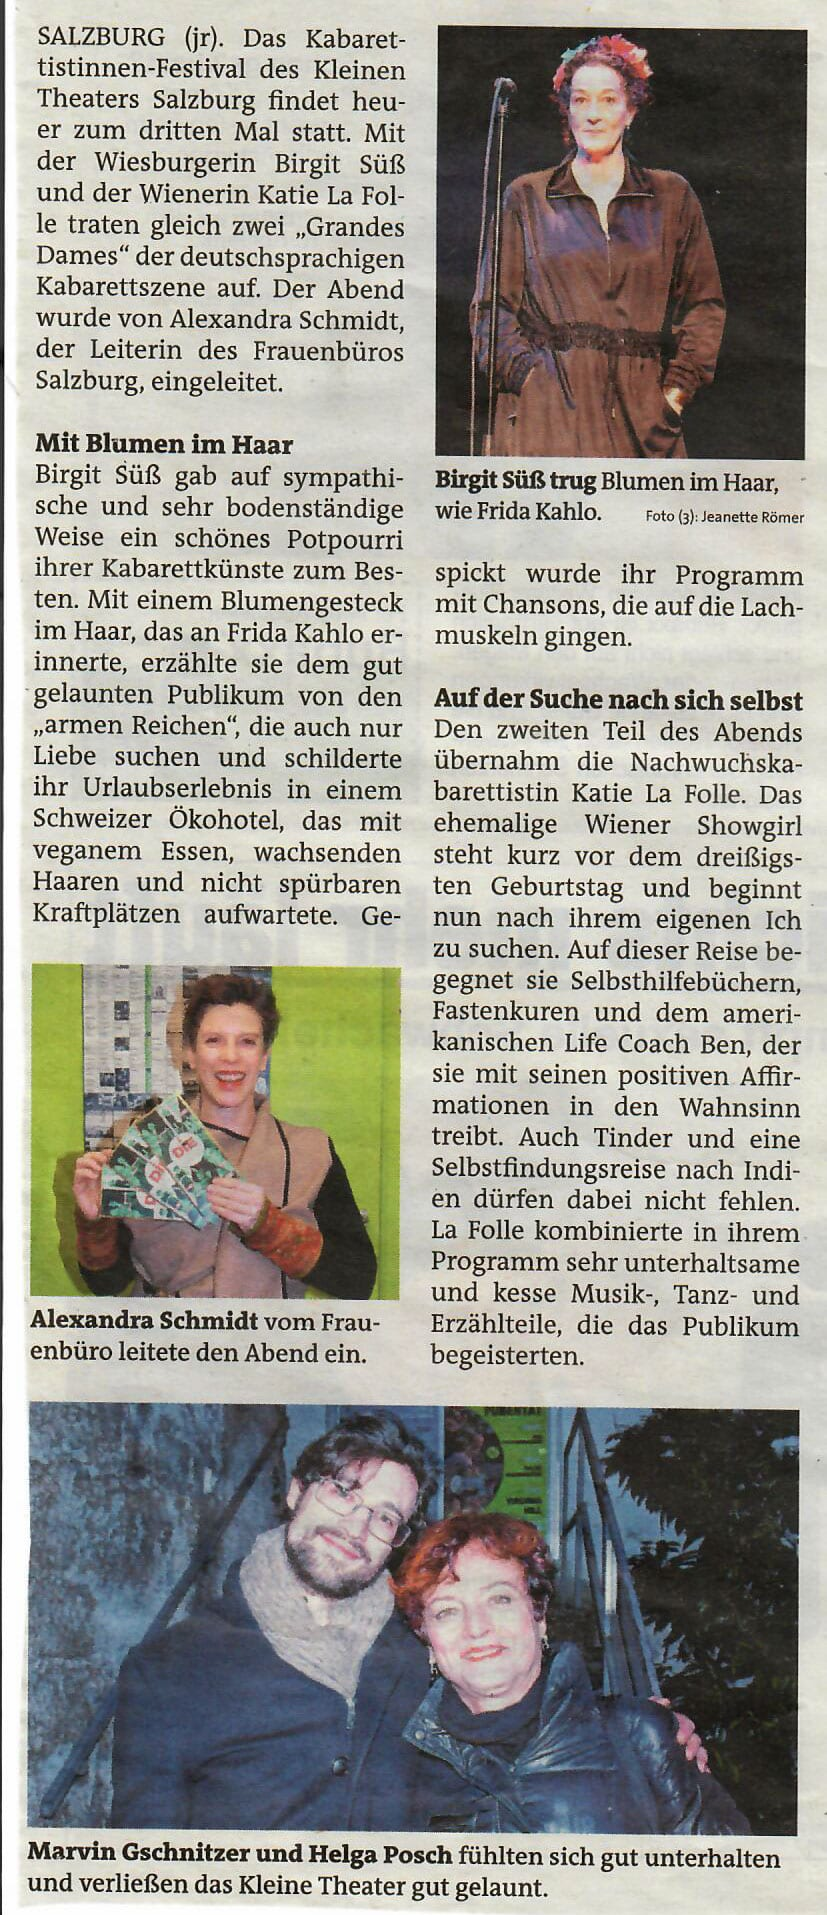 """diekabarett stadtnachrichten 02 - """"Die Kabarett"""": großartiger Auftakt im kleinen theater - Stadtnachrichten vom 13.02.2019"""